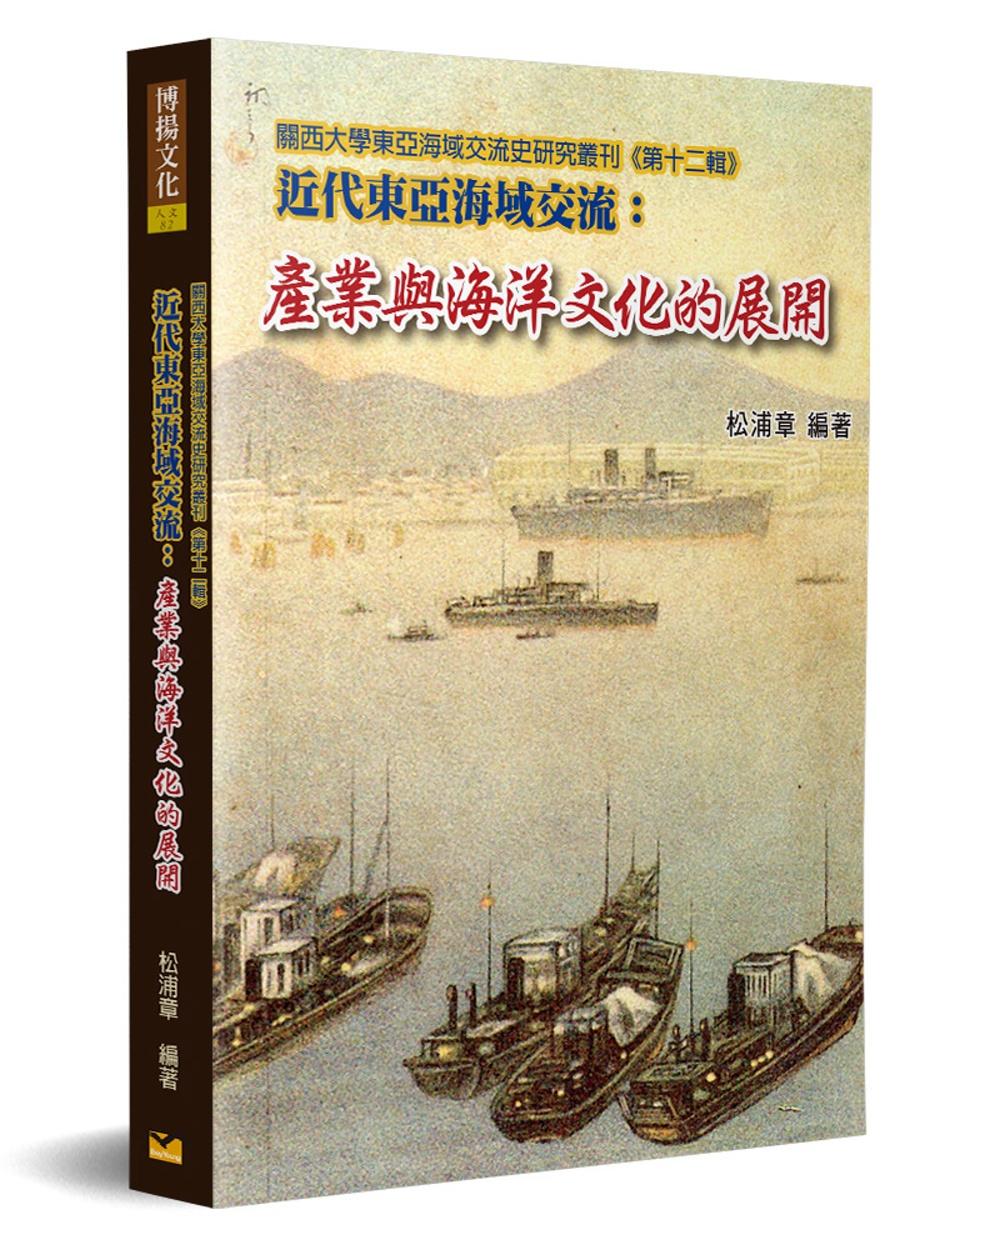 近代東亞海域交流:產業與海洋文化的展開